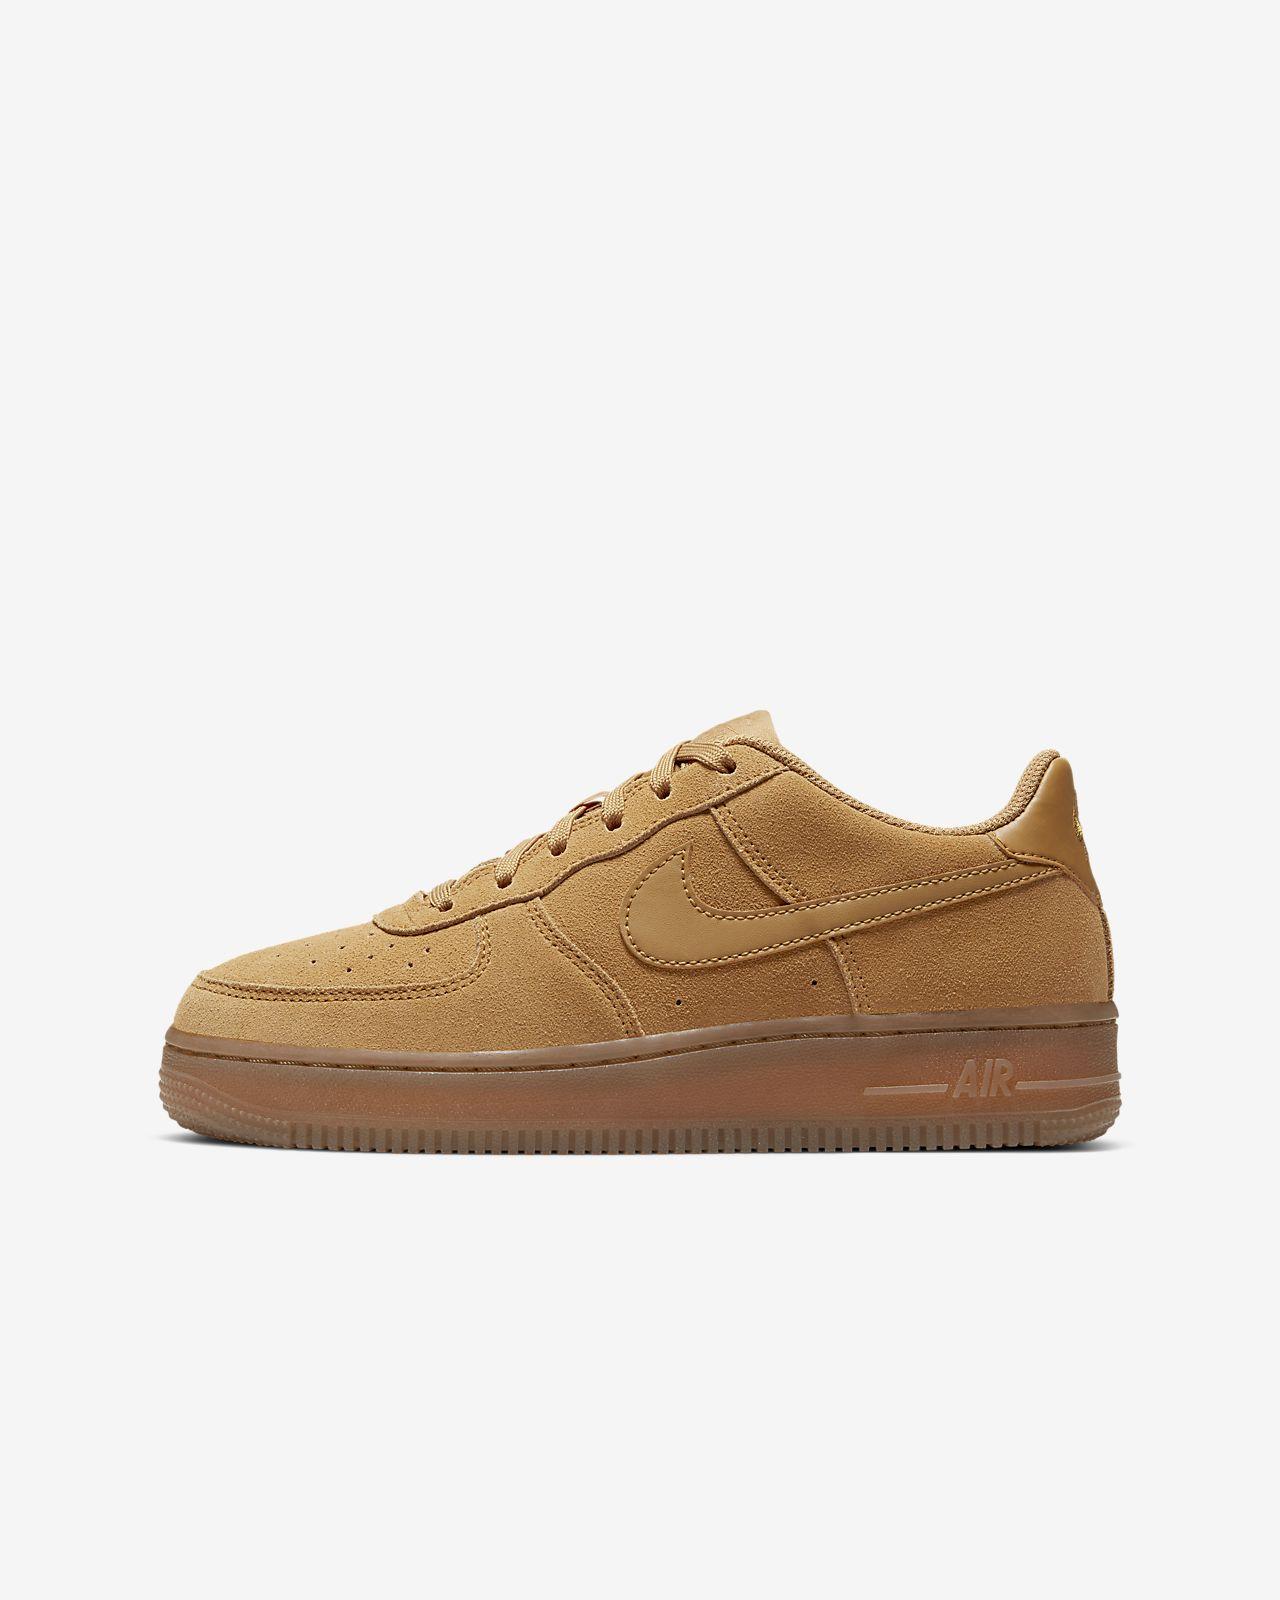 Sko Nike Air Force 1 LV8 3 för ungdom